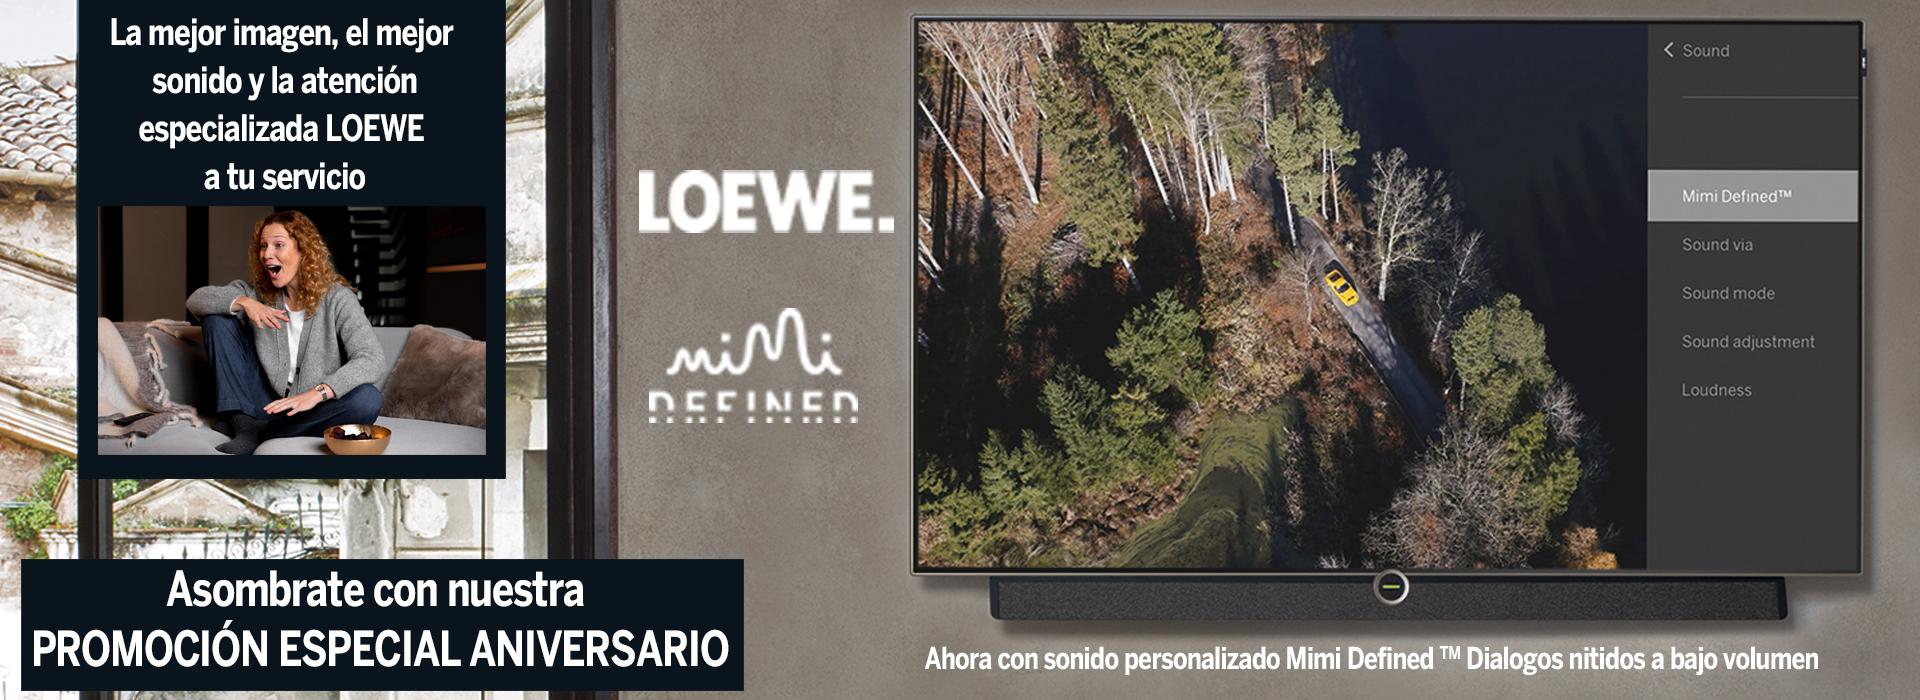 Banner_-_Loewe-PromoEspcialAniversario_1920x700_Startsat_Company